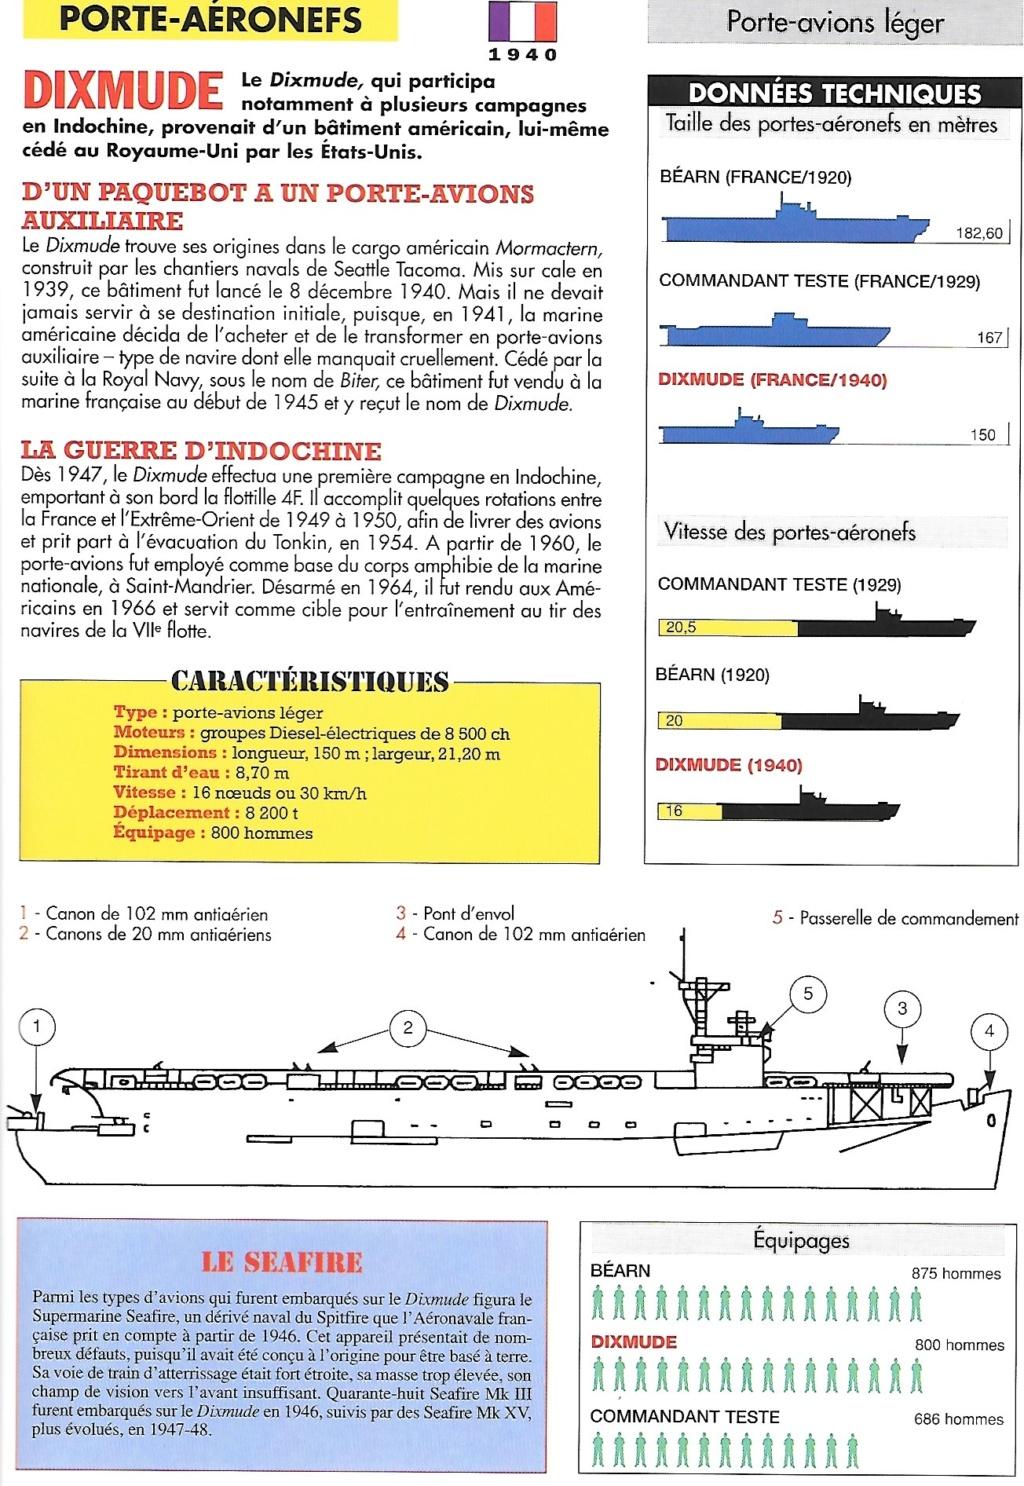 Petite histroire des porte-avions d'escorte - 1915-1945 - Page 7 Pa211